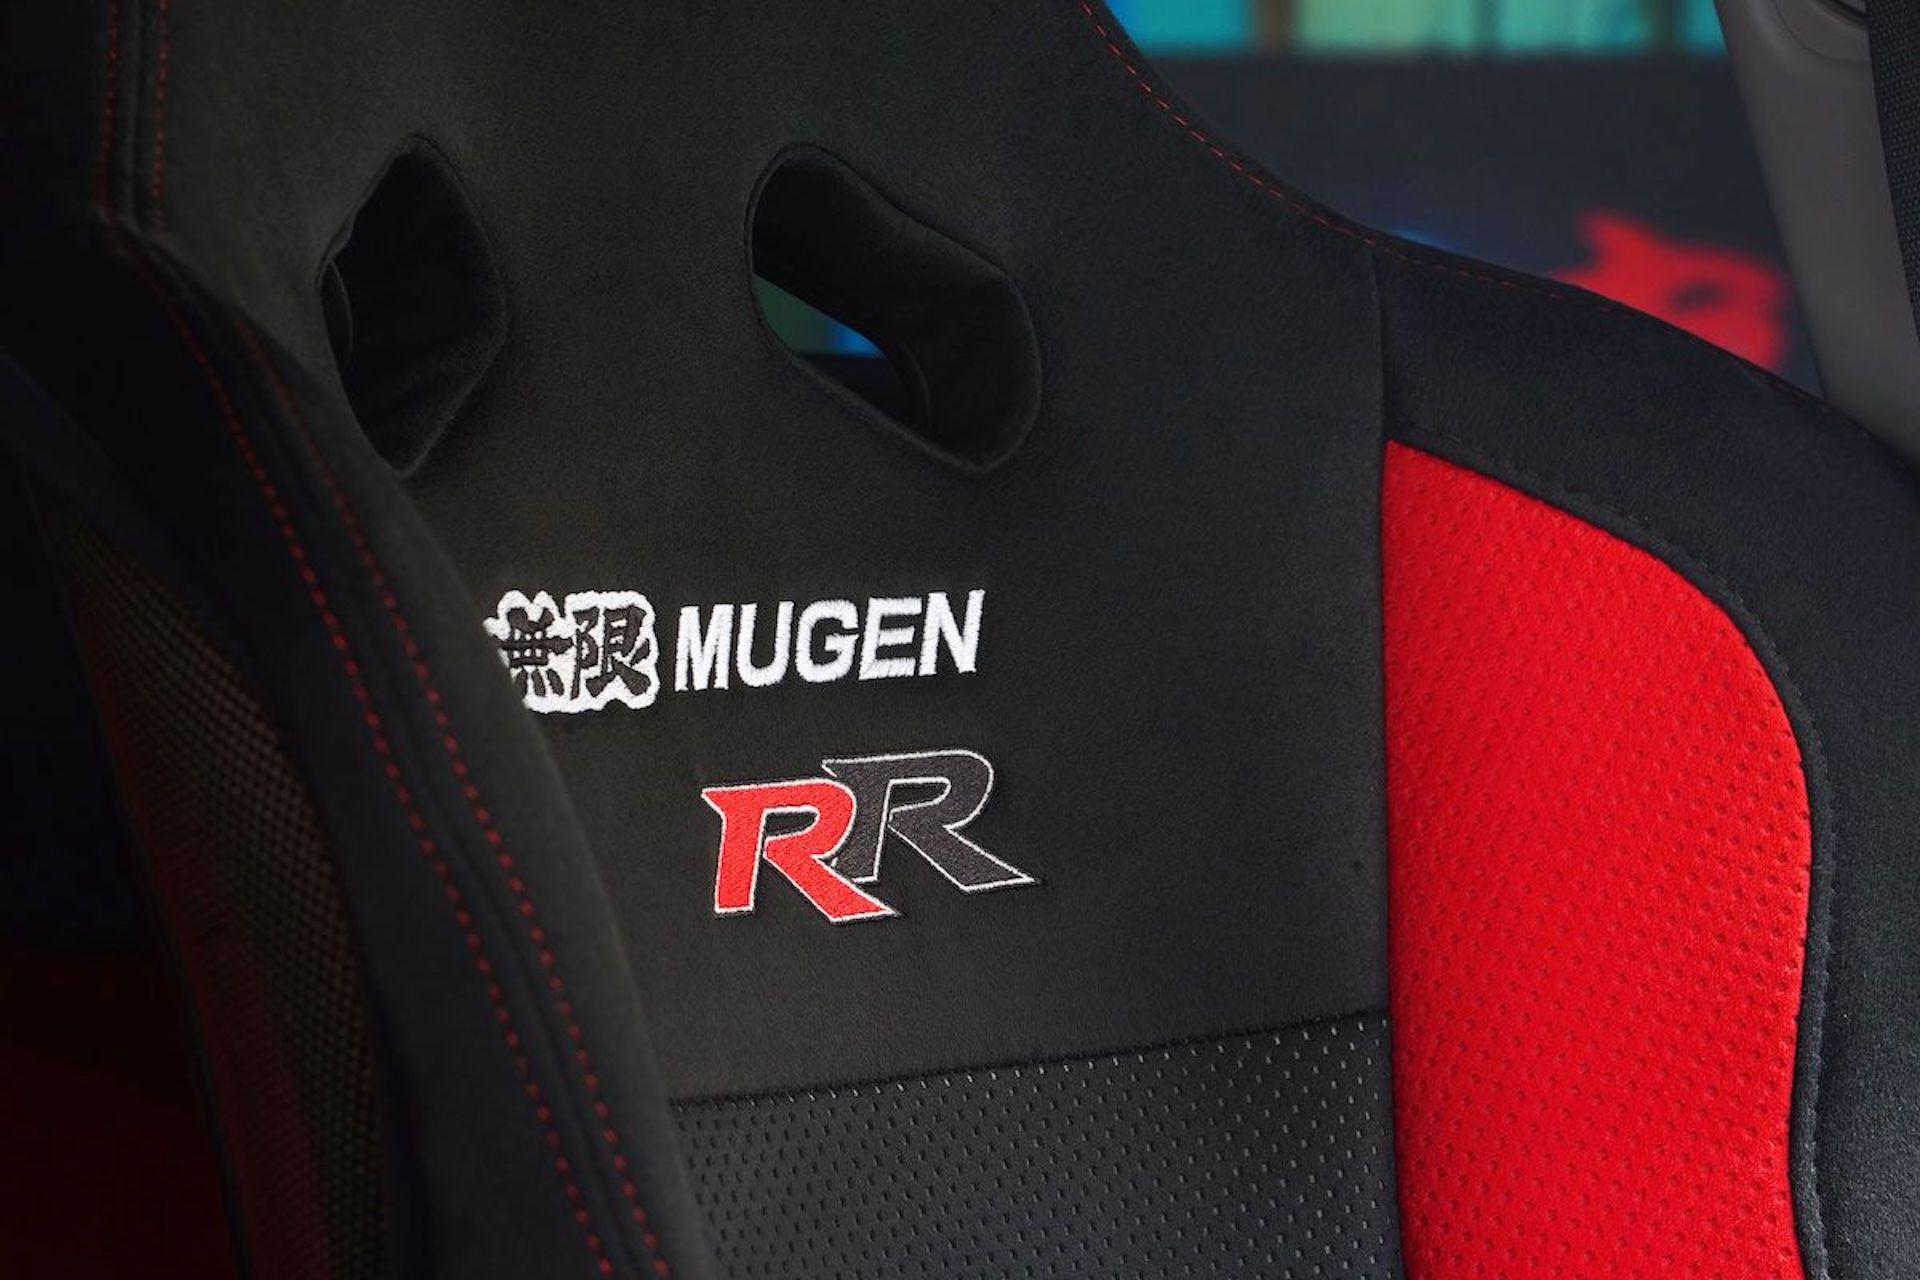 Honda-Civic-Mugen-RR-12